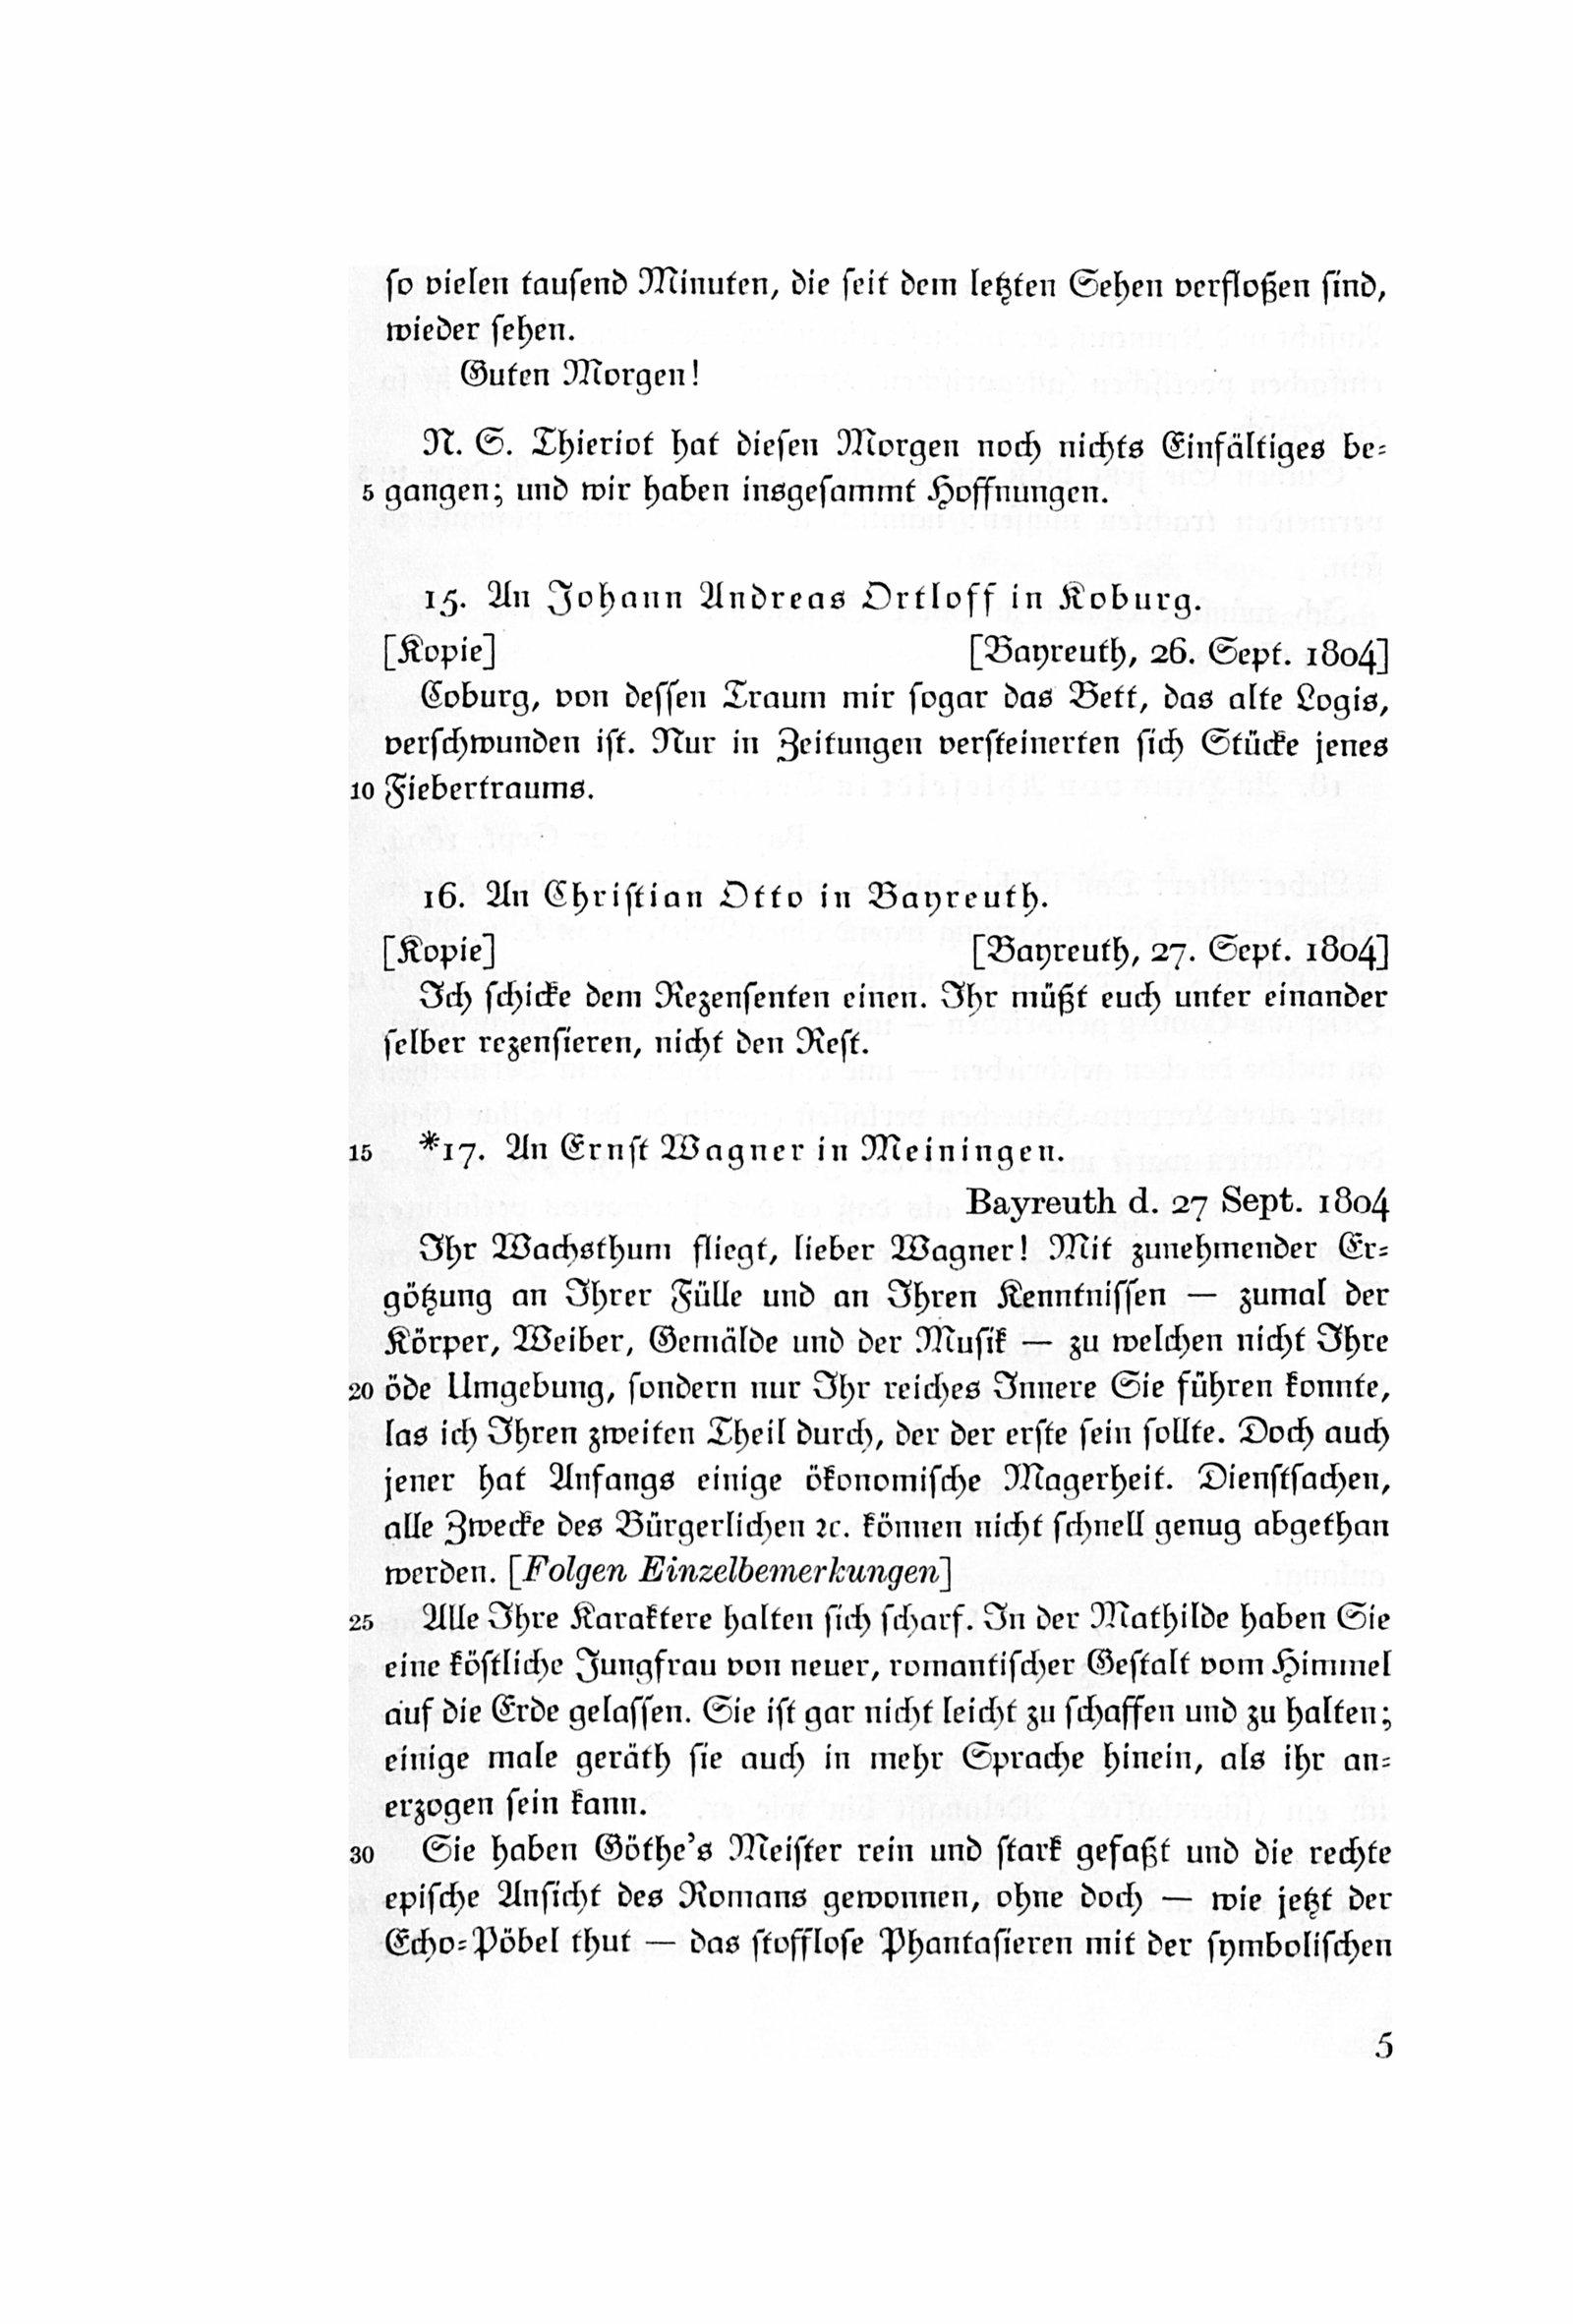 Deutsches Textarchiv Jean Paul Dritte Abteilung Briefe